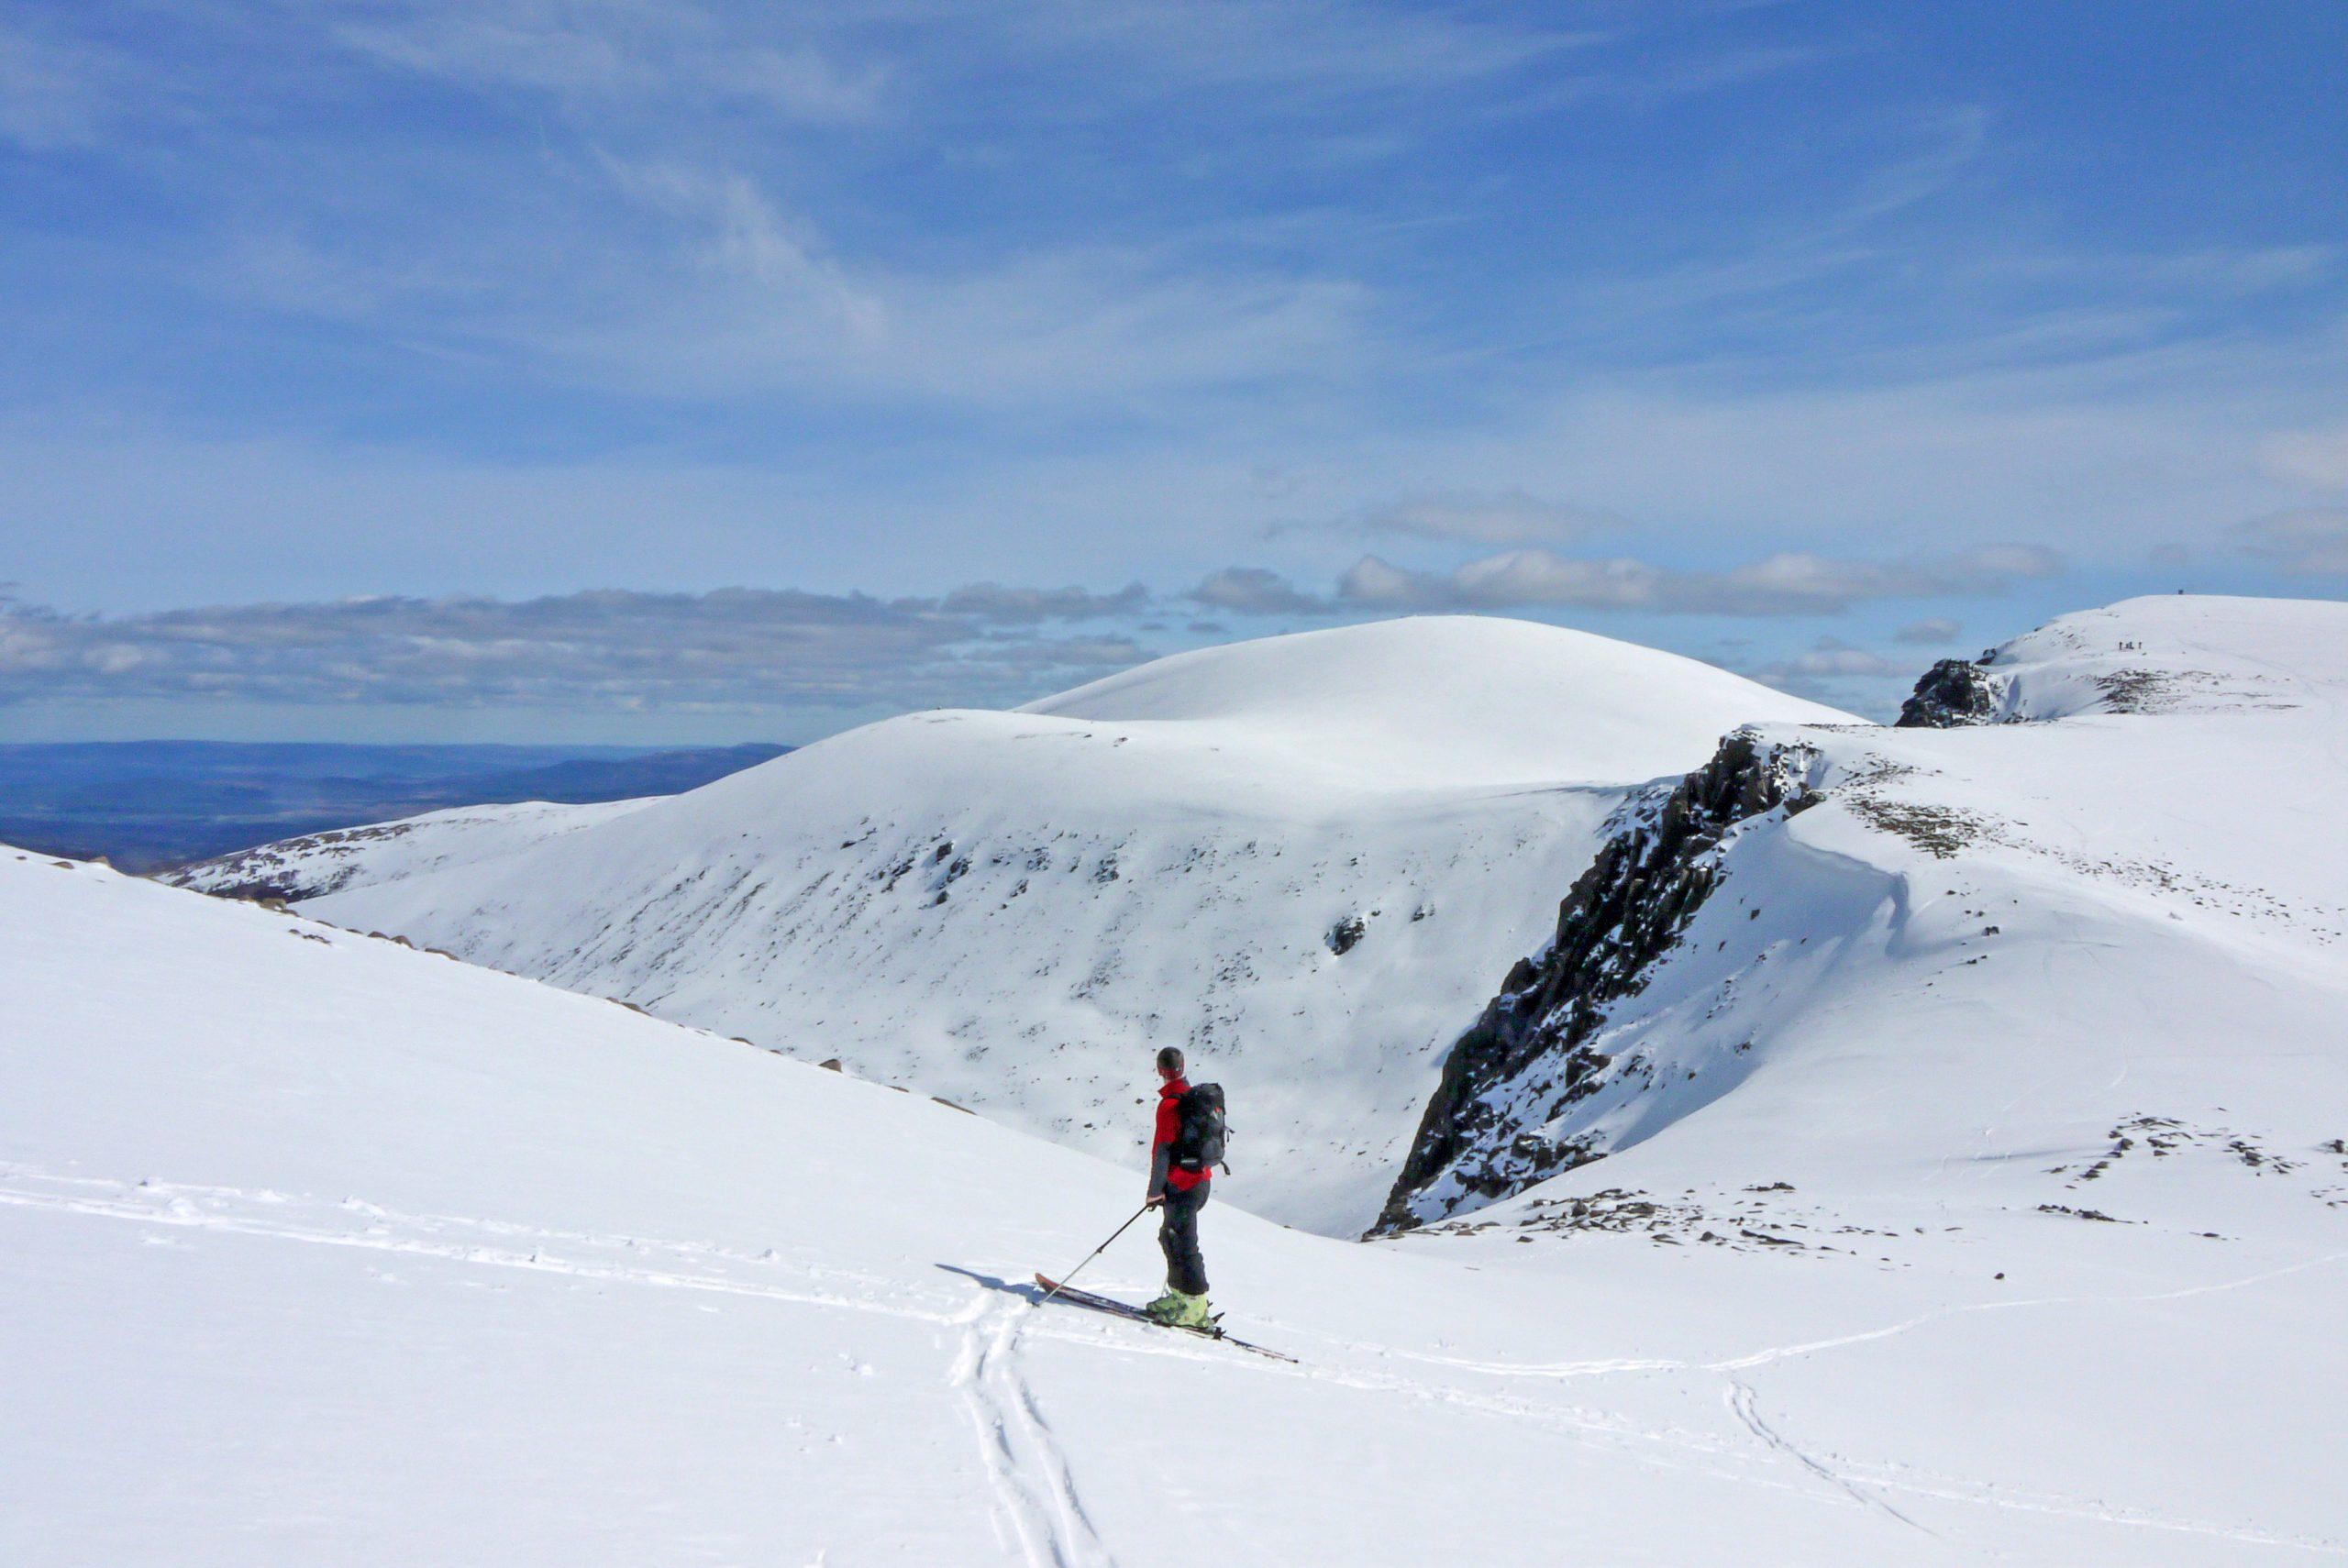 20/5/2012: Looking toward Cairngorm